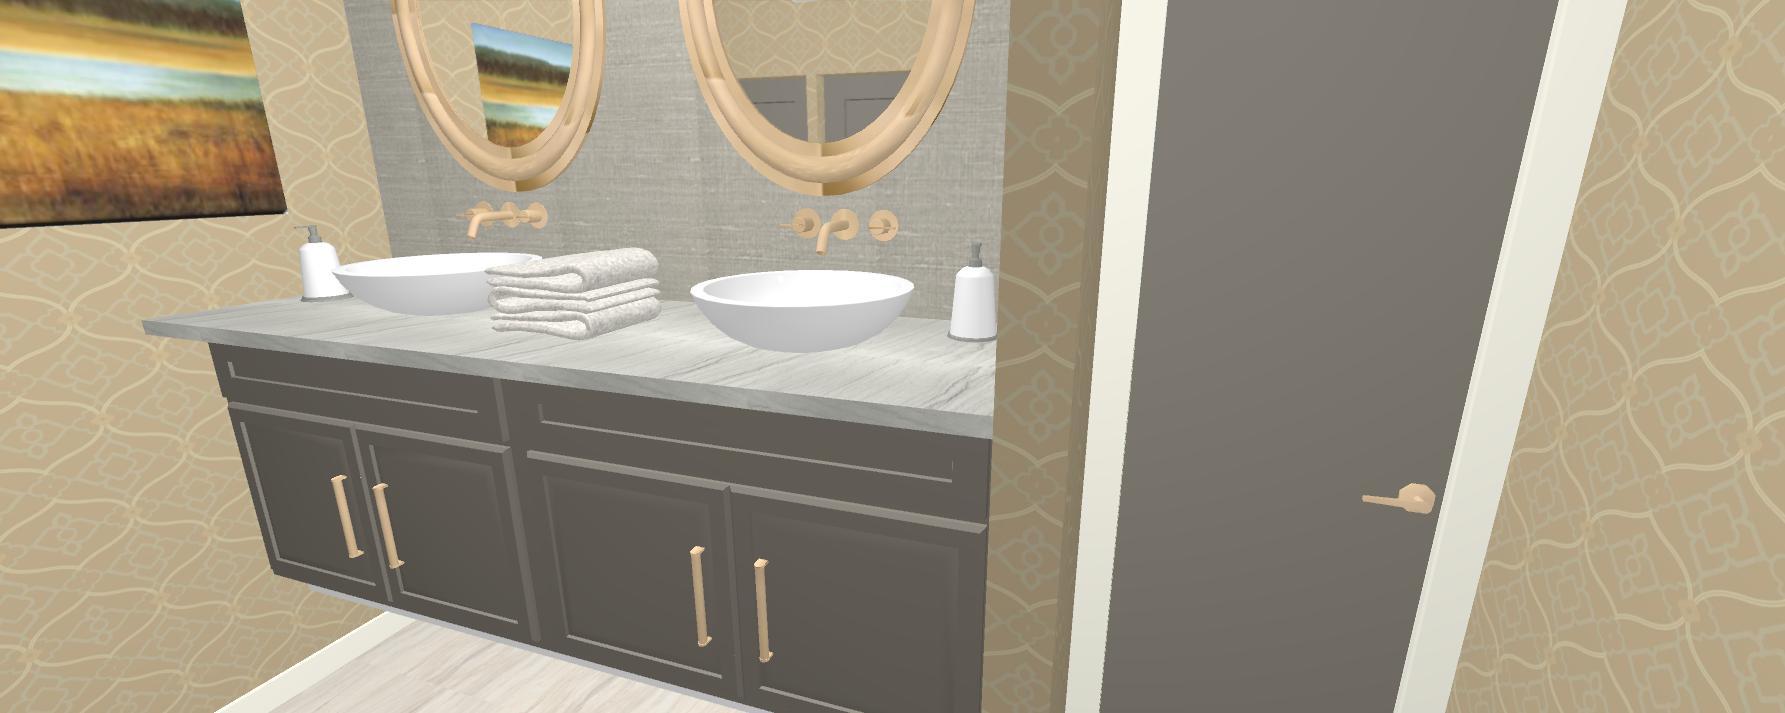 rcshbathroom10.jpg